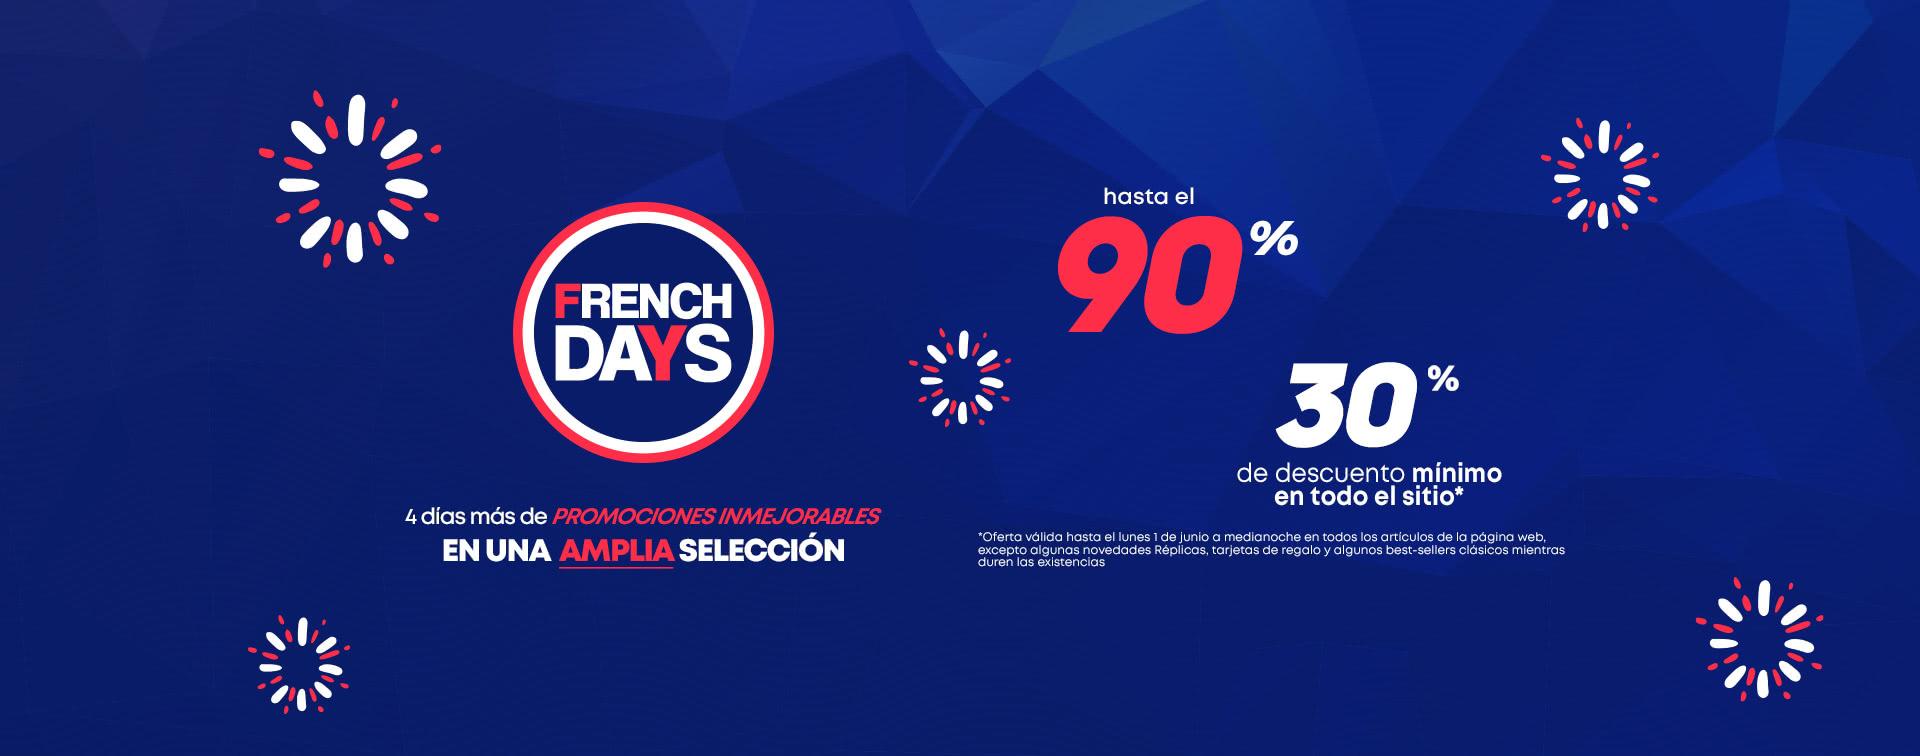 French Days -20% min.